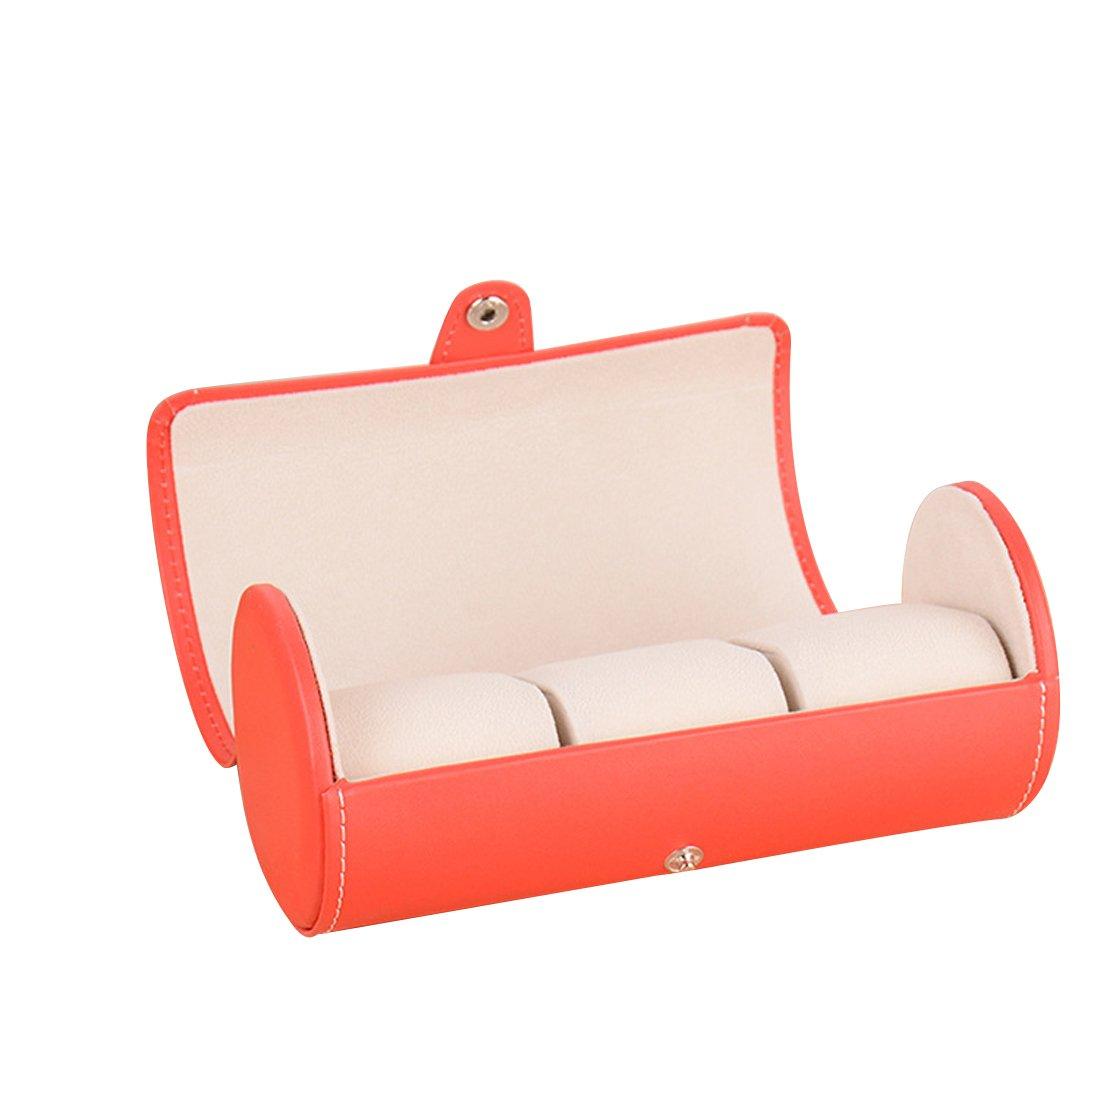 gabriellay Luxury Exquisite PUレザー腕時計ボックス腕時計Dislpay box-red B076VHFMYY